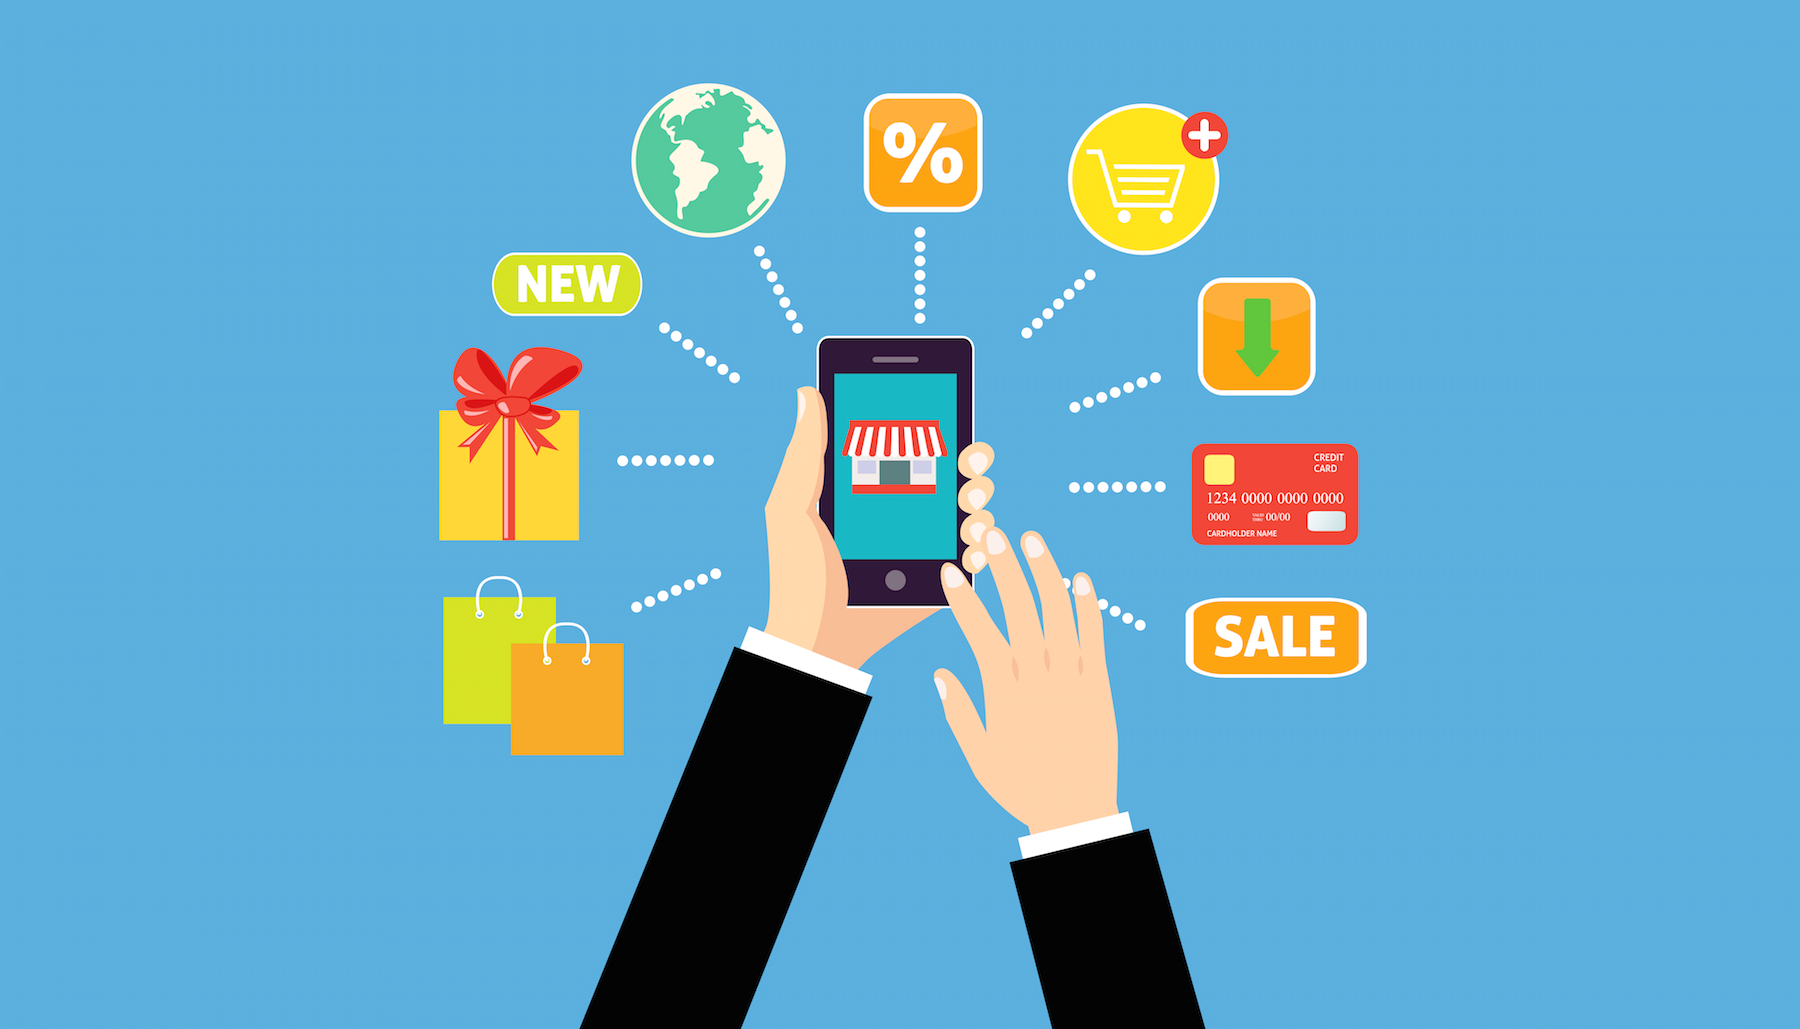 Kinh doanh online tiện lợi